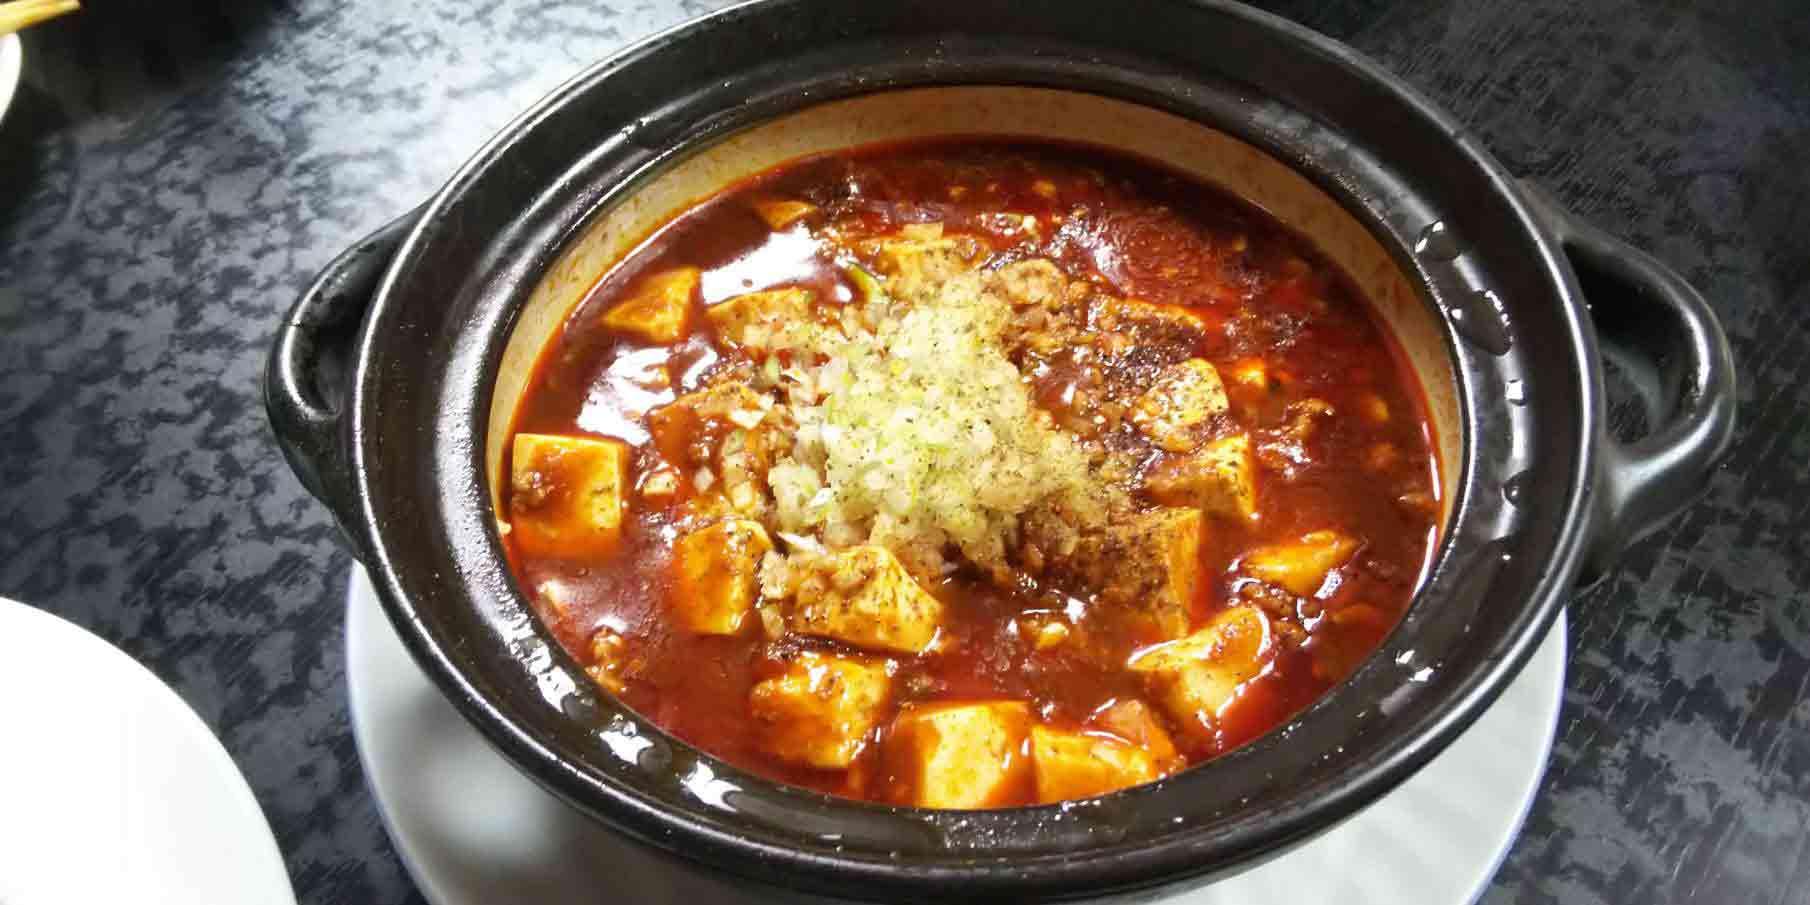 福州風味勝隆店麻婆豆腐